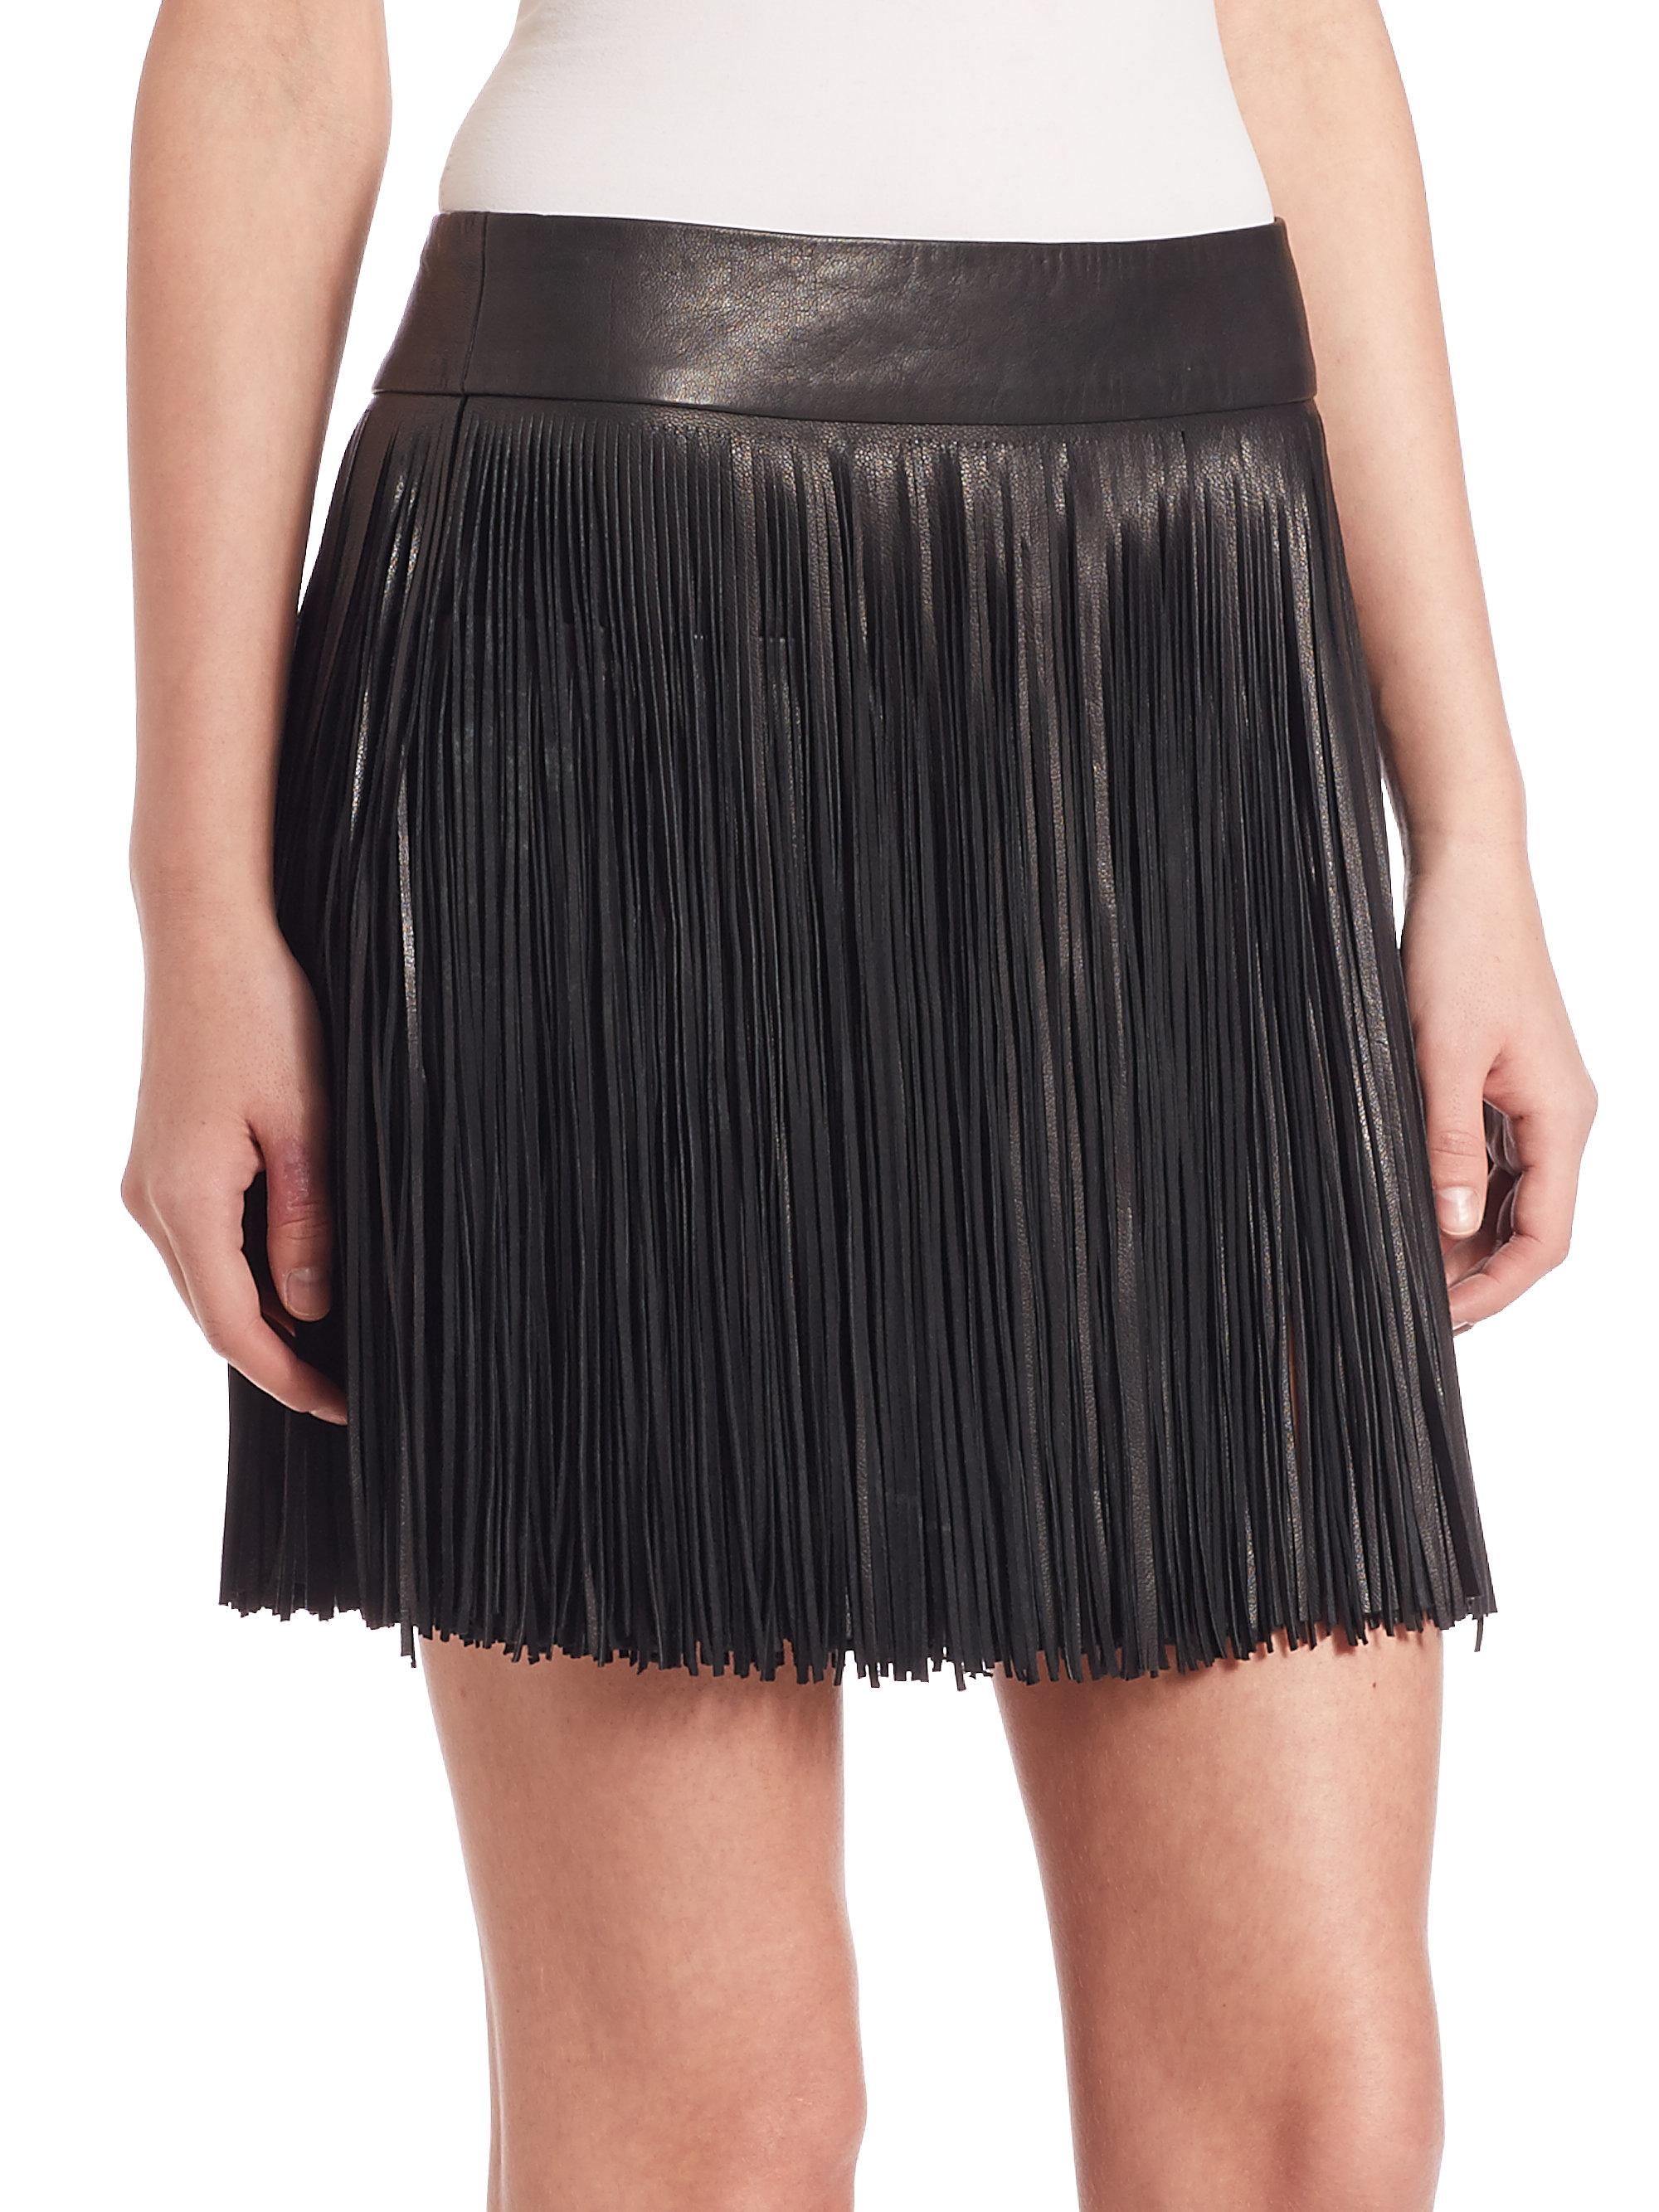 Polo ralph lauren Fringed Leather Mini Skirt in Black | Lyst